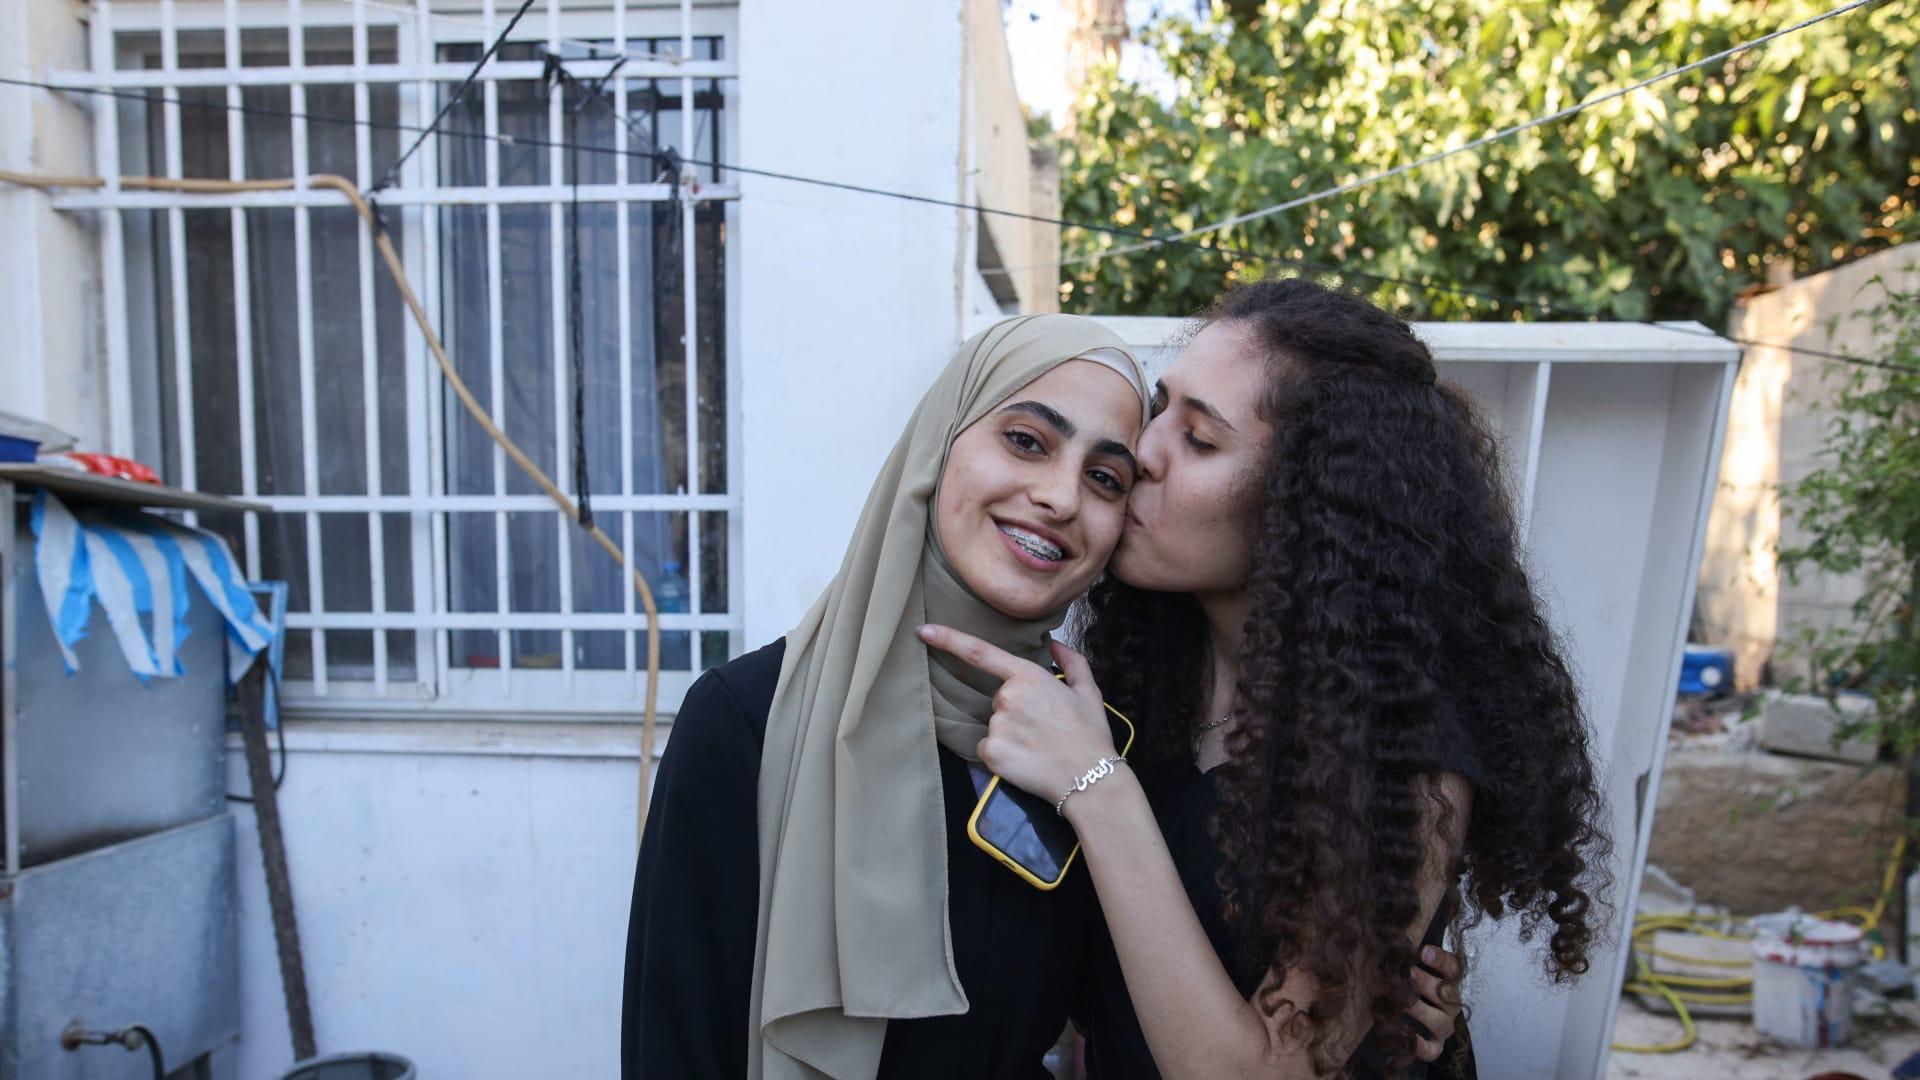 شاهد لحظة اعتقال الناشطة الفلسطينية منى الكرد من منزلها في القدس